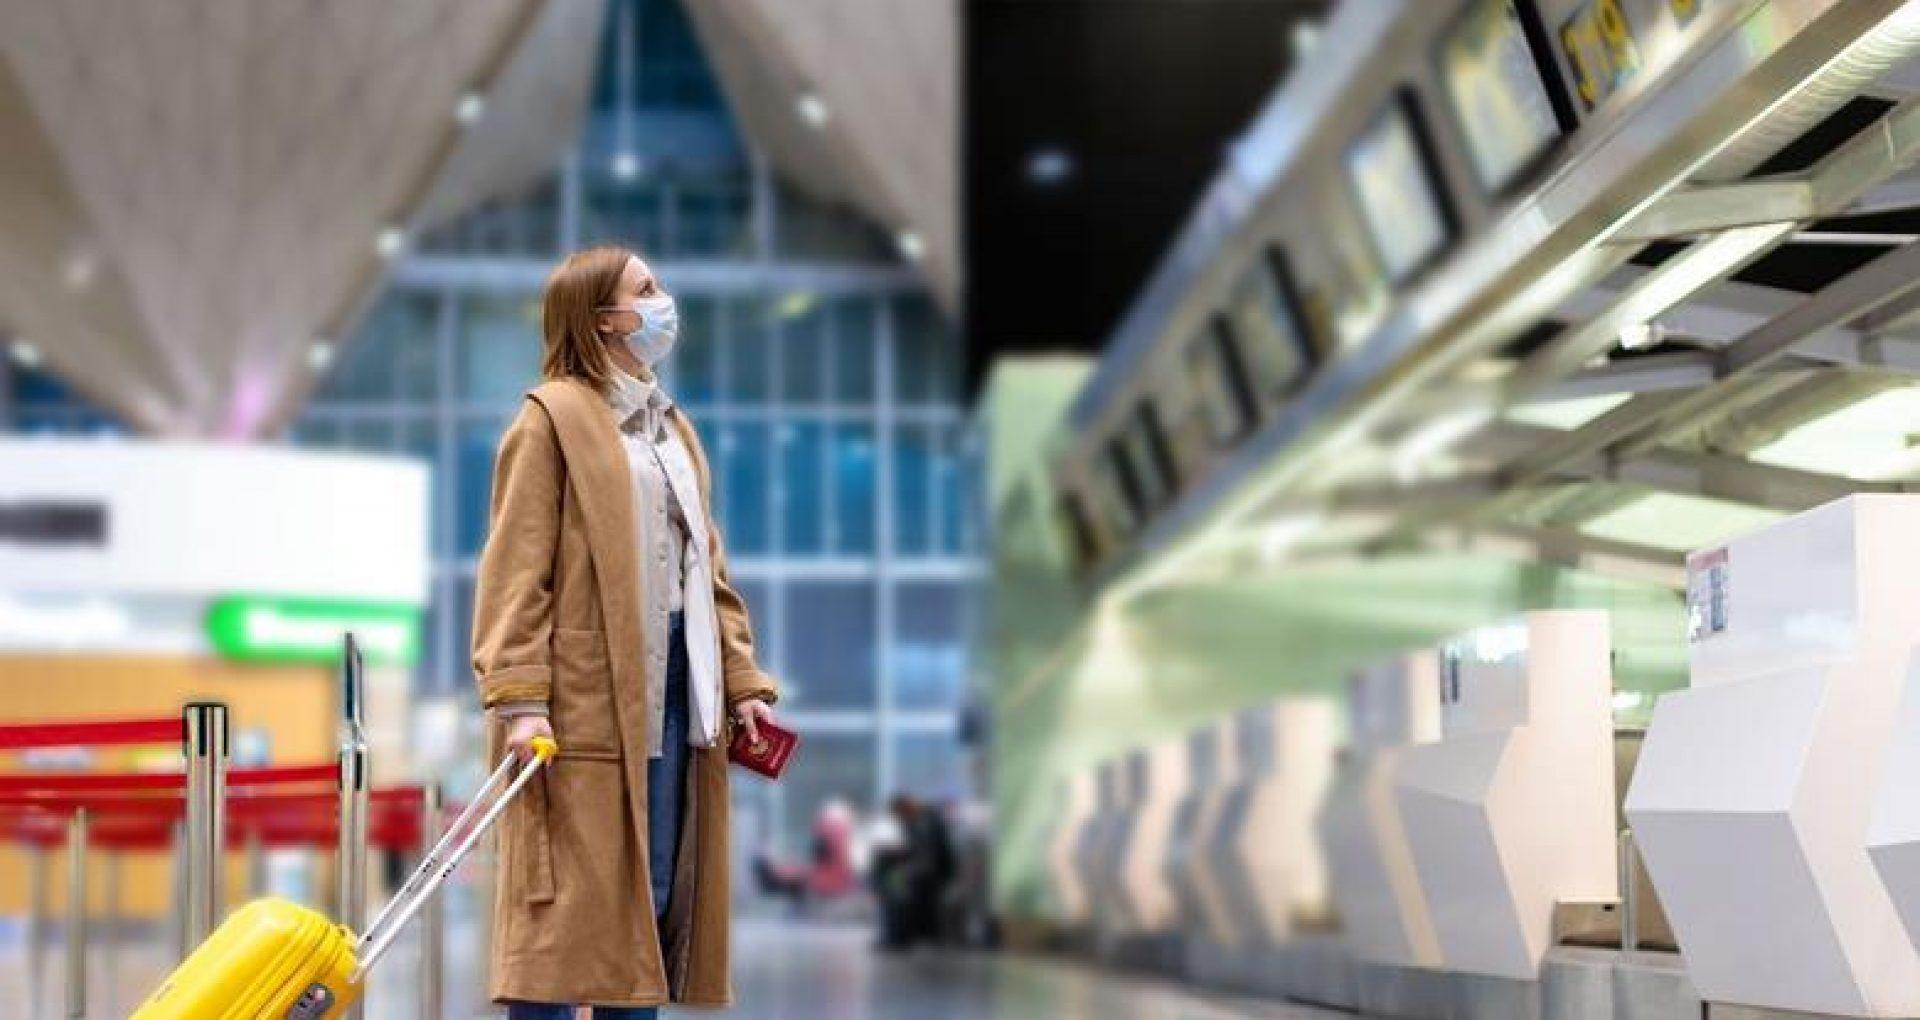 FOTO/ Adeverința electronică verde – cum va arăta și cum va facilita libera circulație în timpul pandemiei